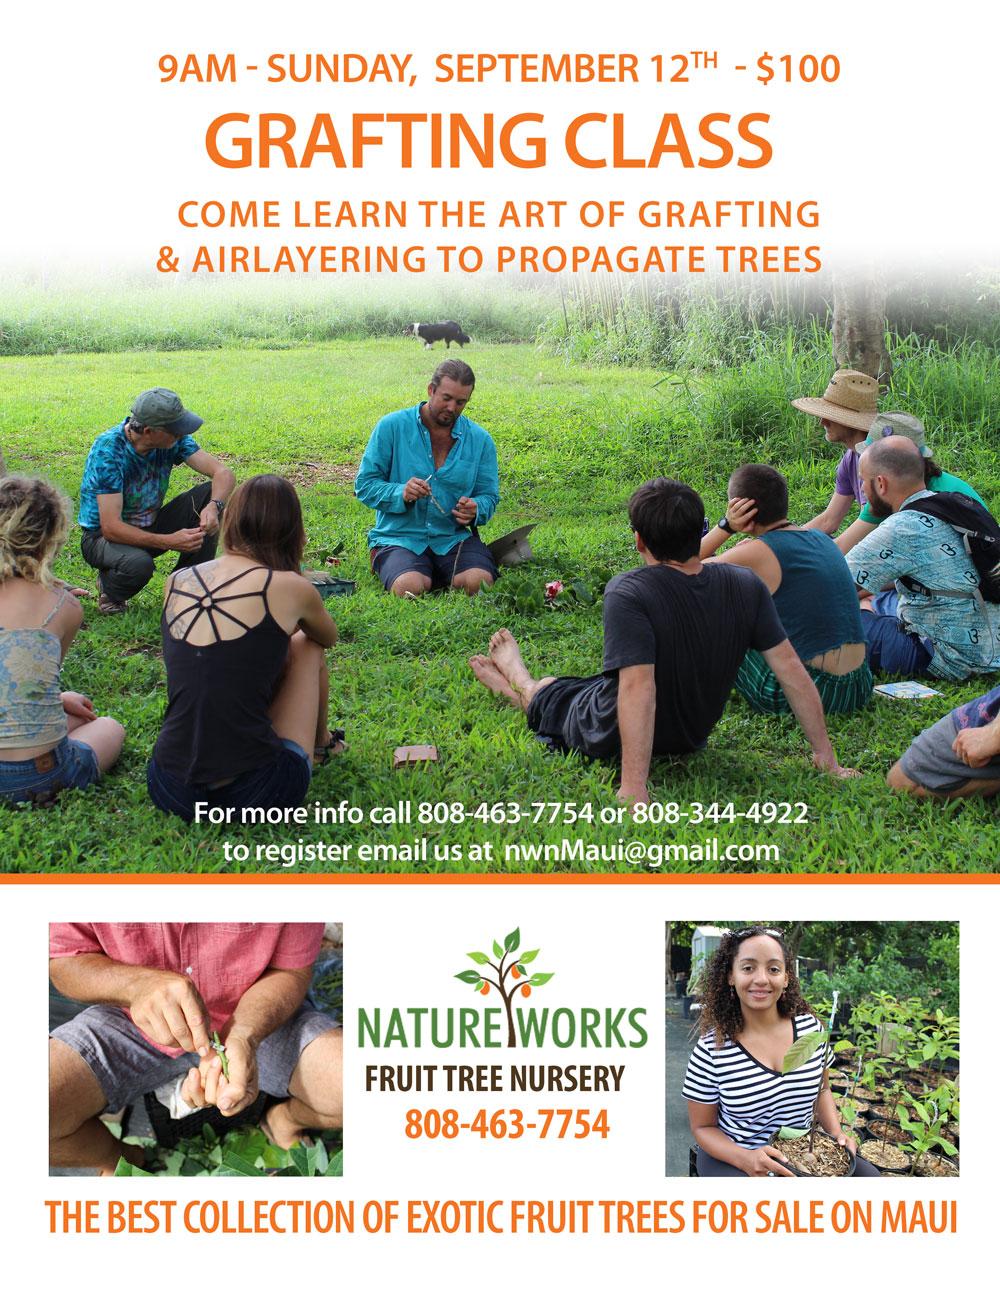 Grafting class in September